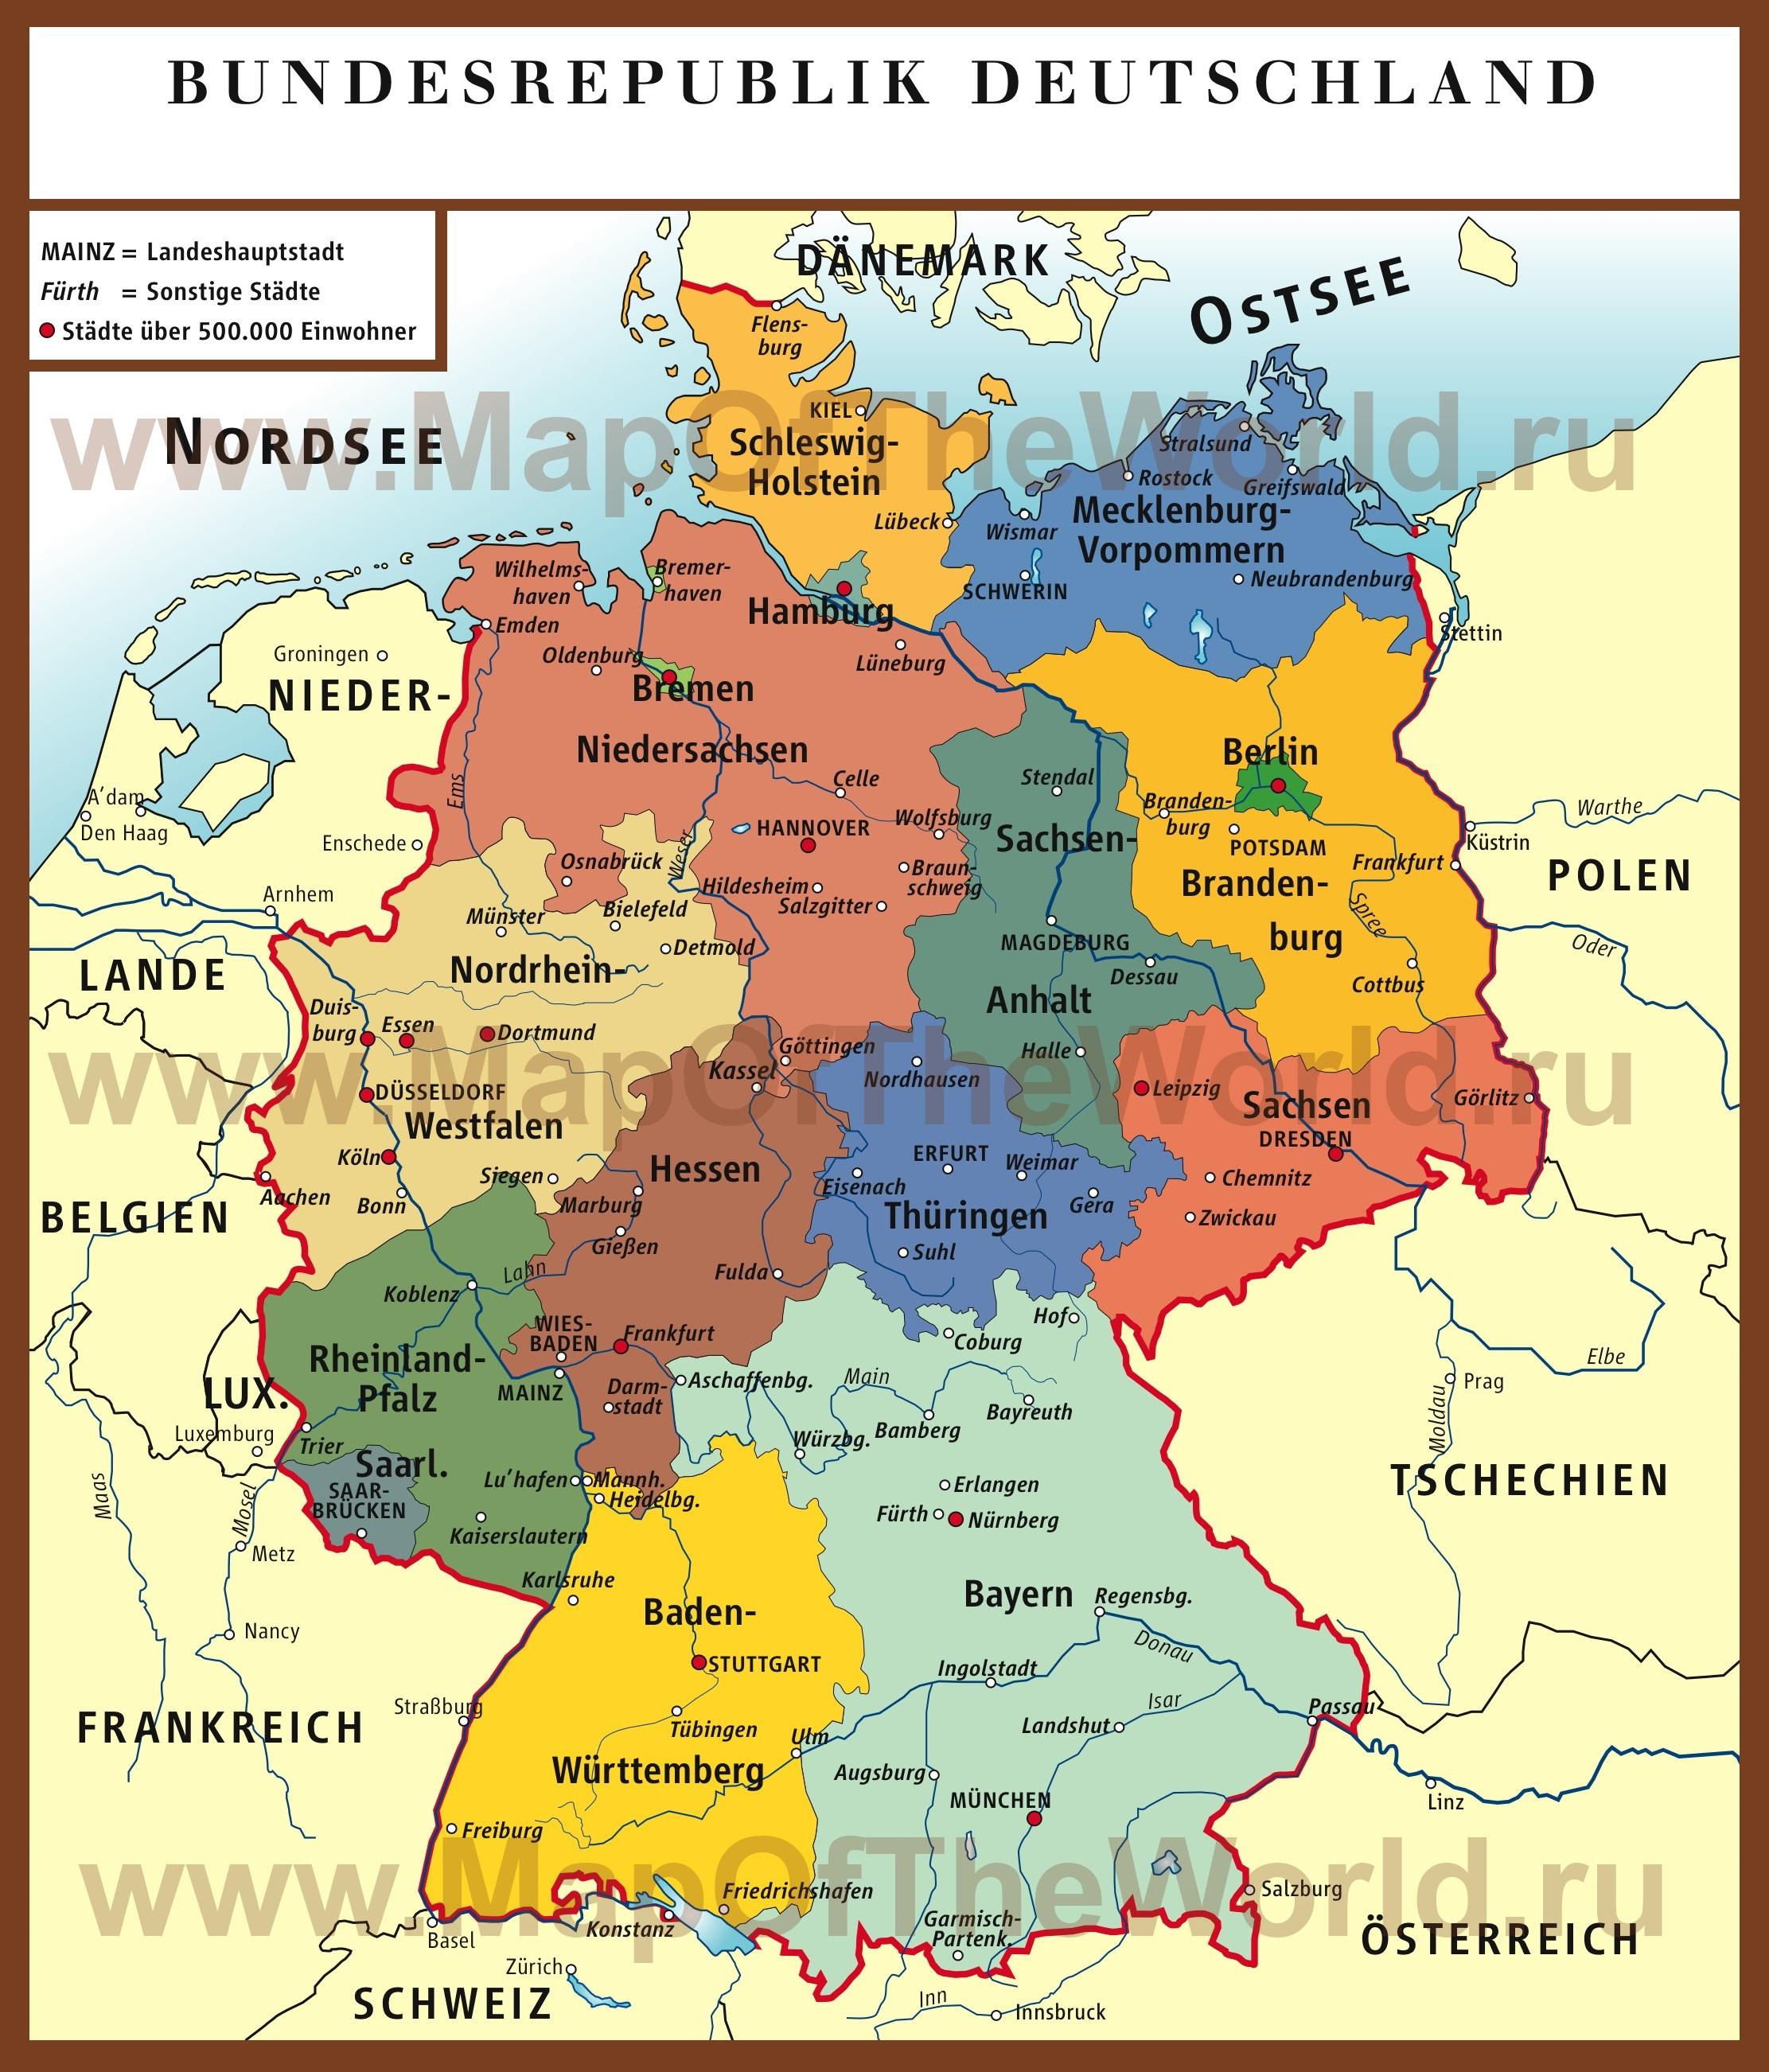 Стажировка в разных районах Германии, программа ZAV